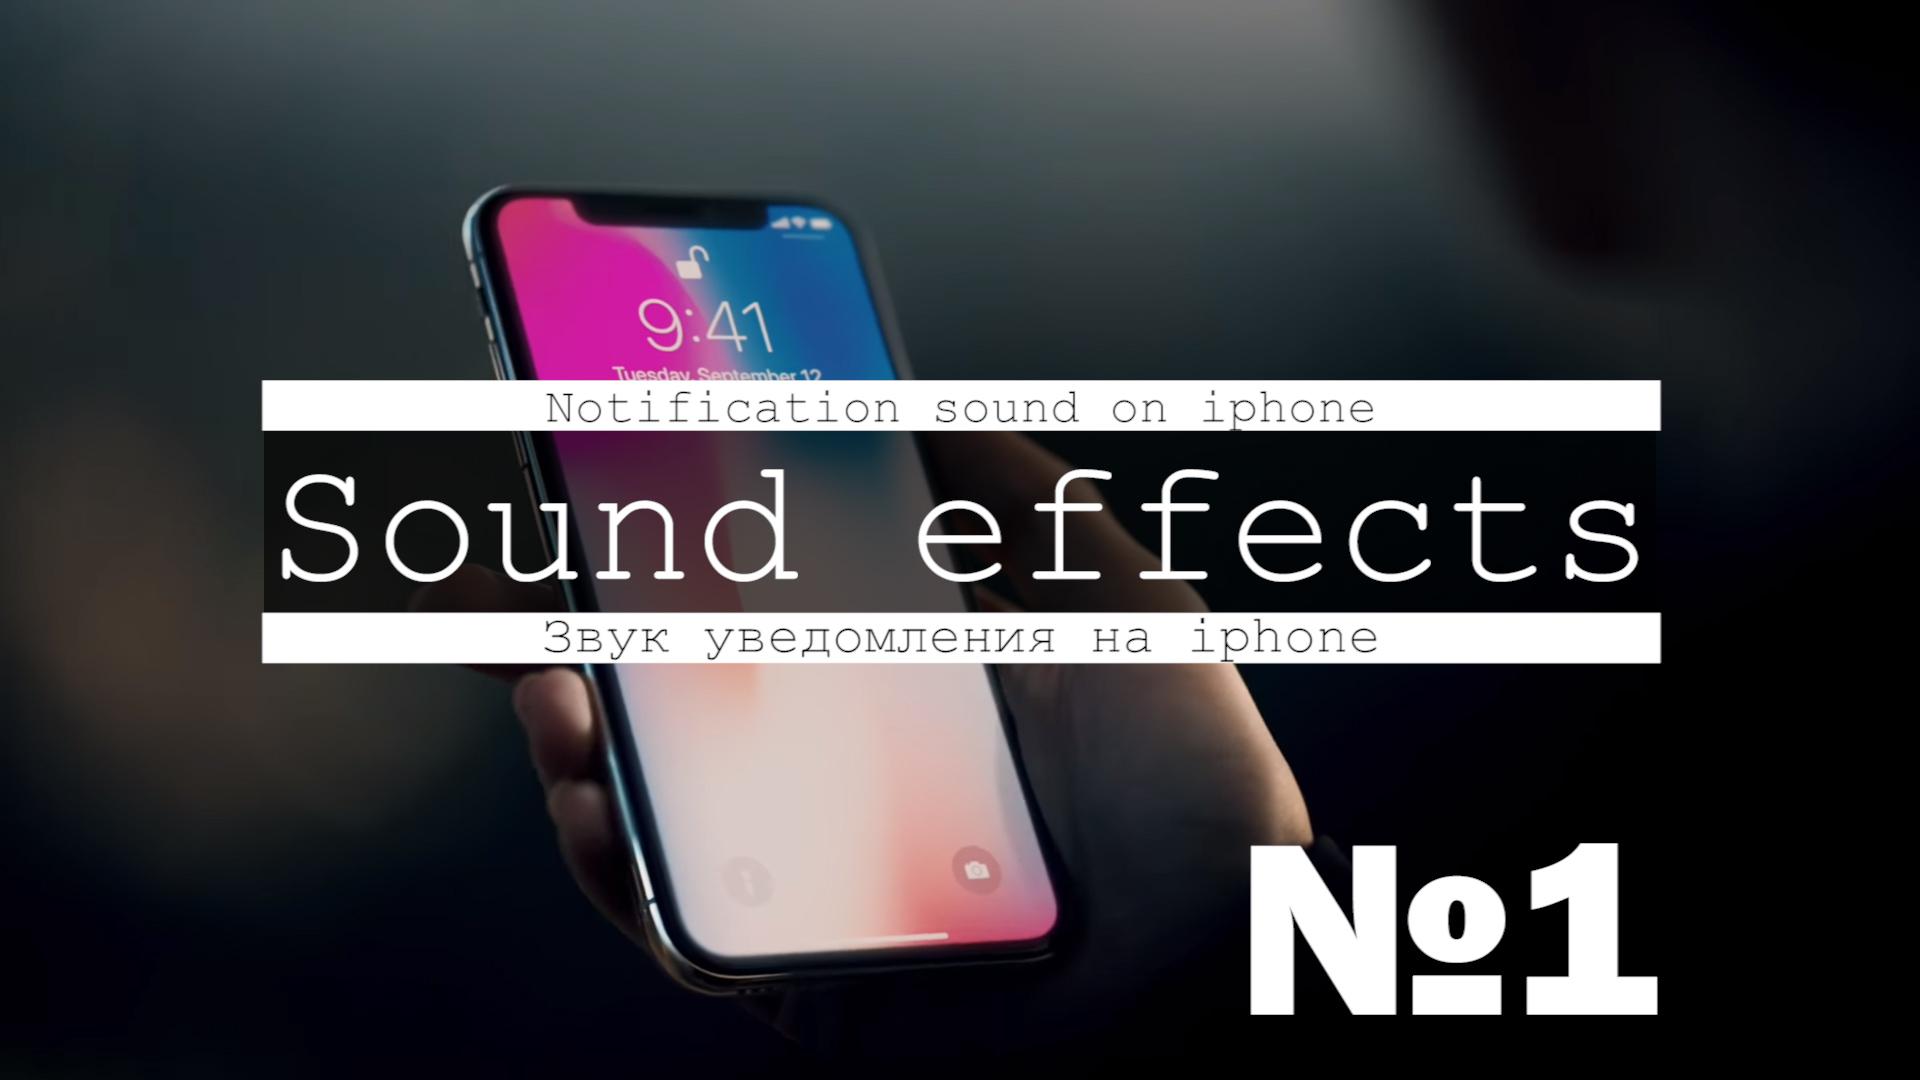 Скачать звуки Iphone звонок, смс, уведомления